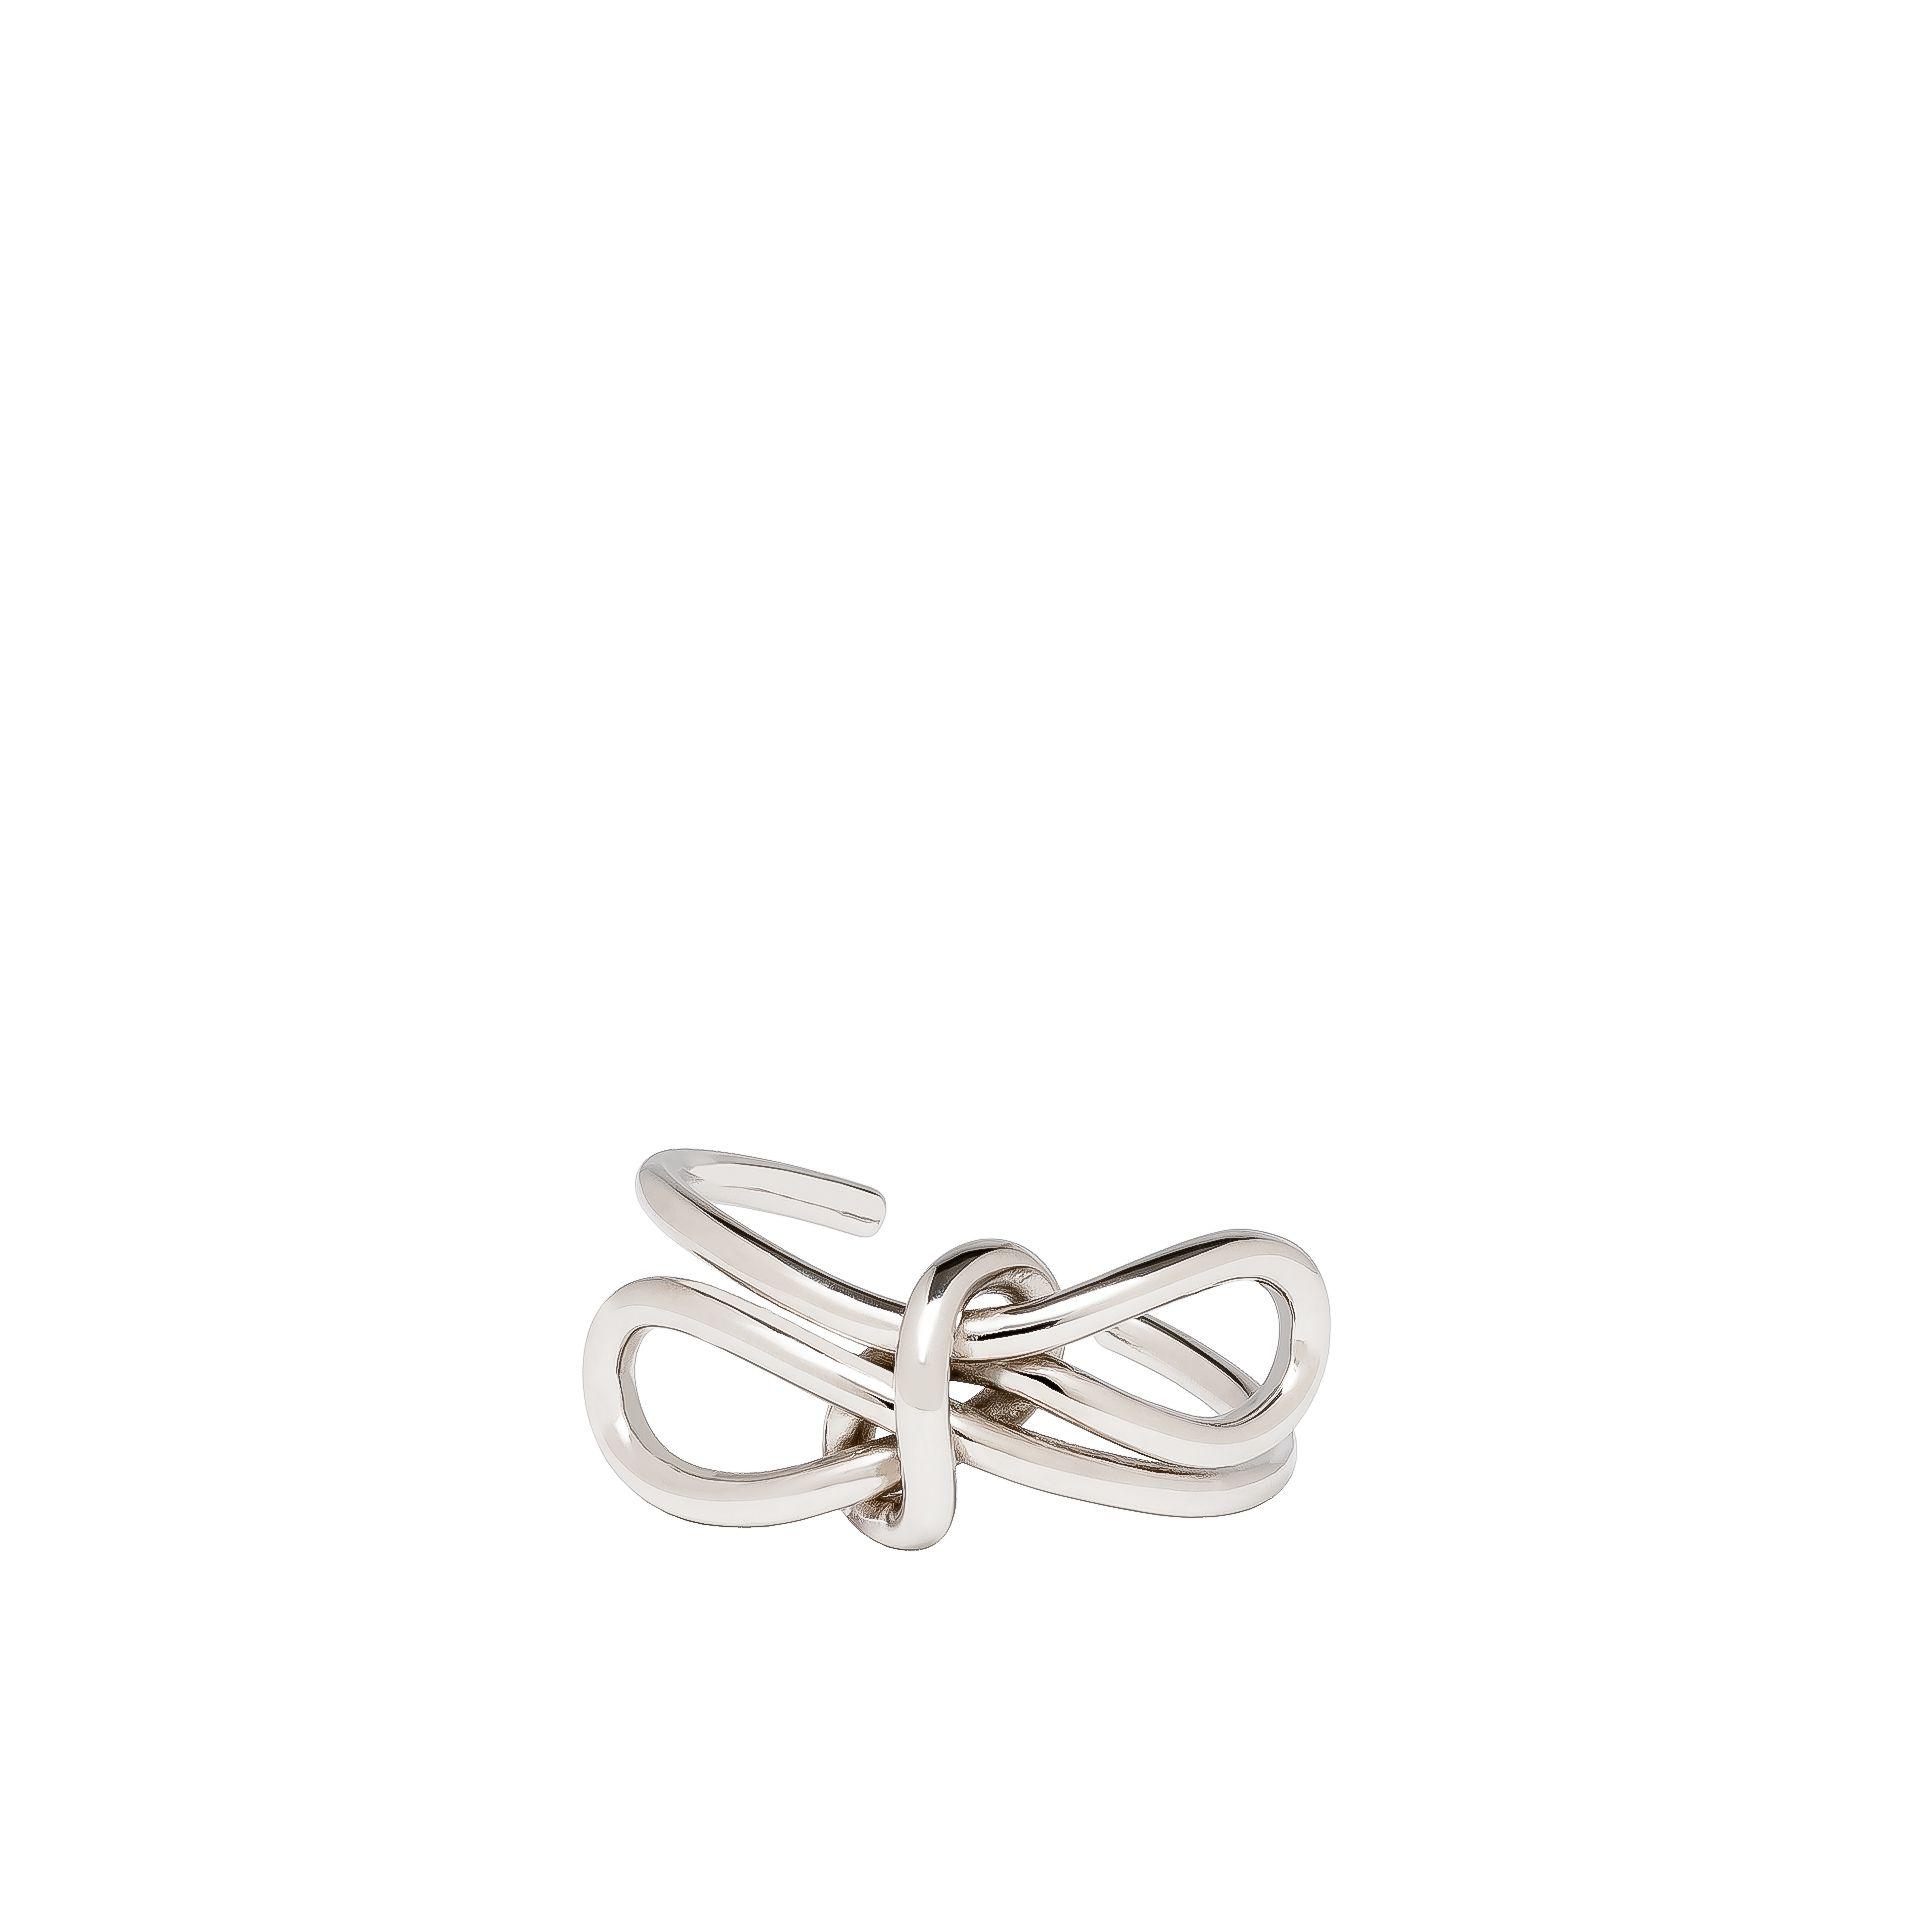 Balenciaga Silver Lace Up Bow Bracelet